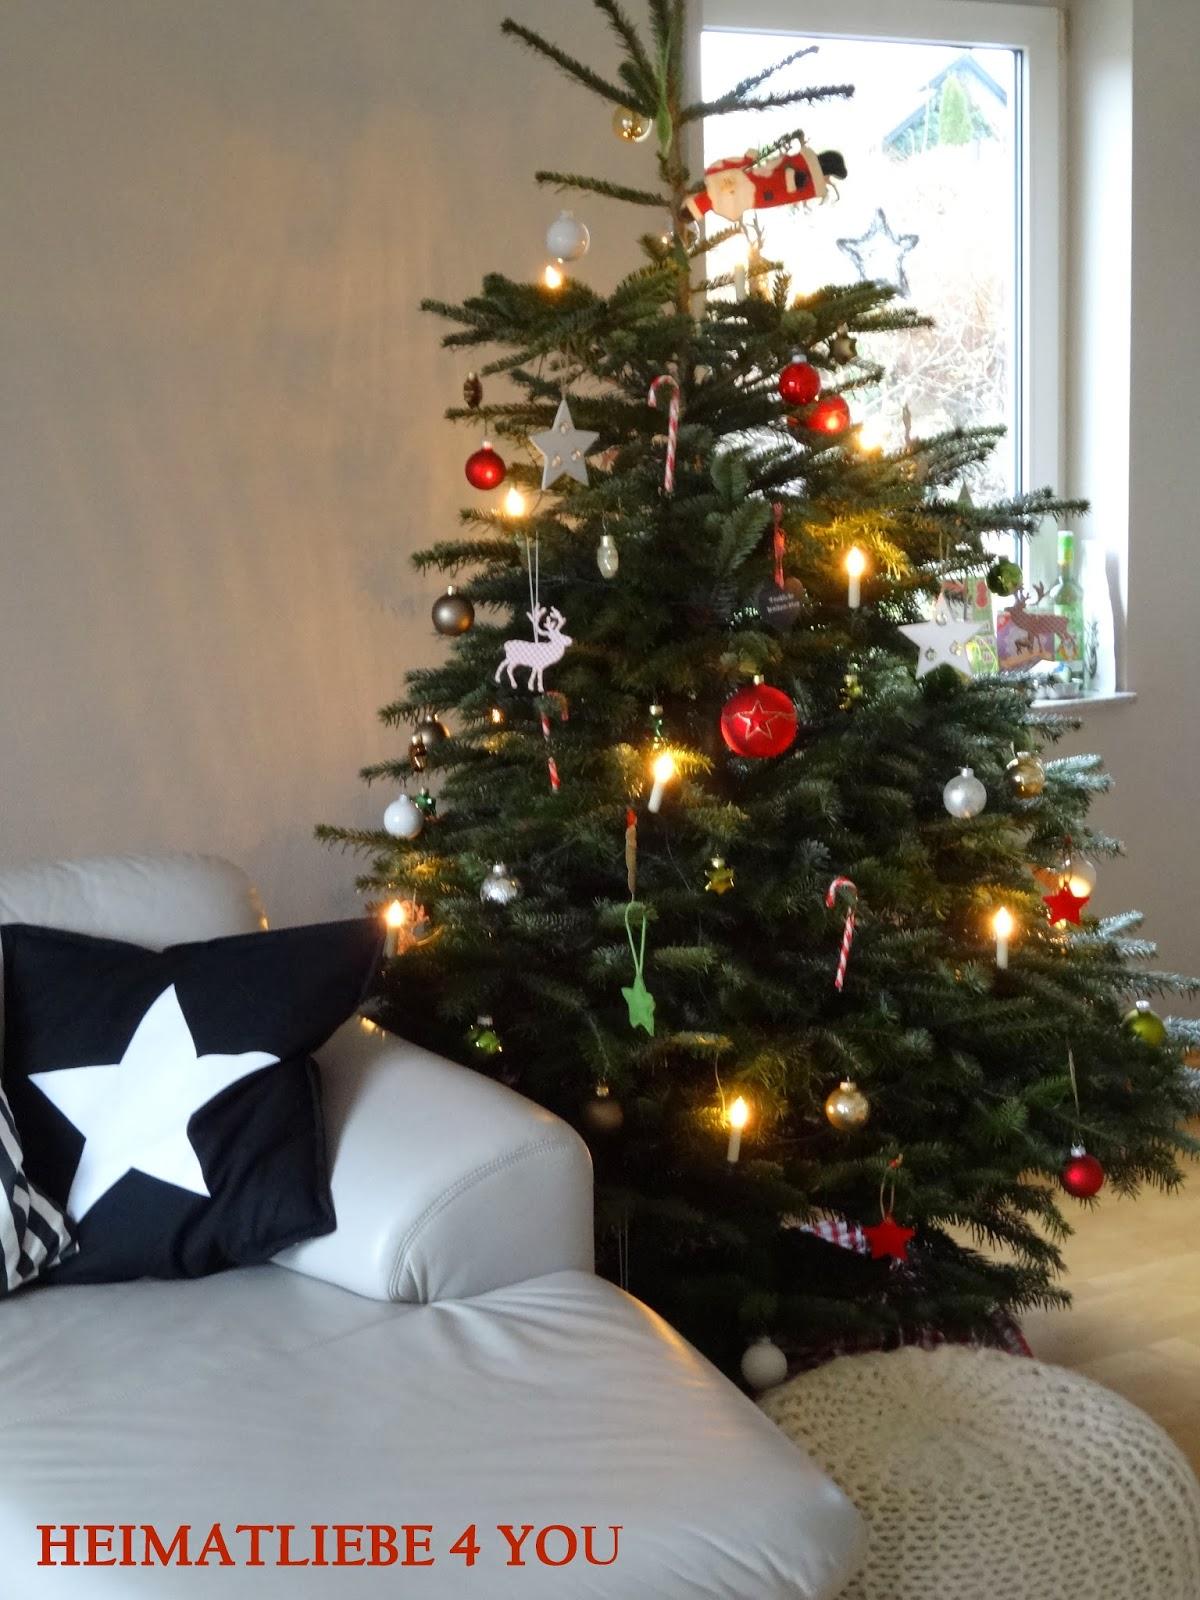 heimatliebe 4 you heim tannenbaum sucht ein zuhause. Black Bedroom Furniture Sets. Home Design Ideas